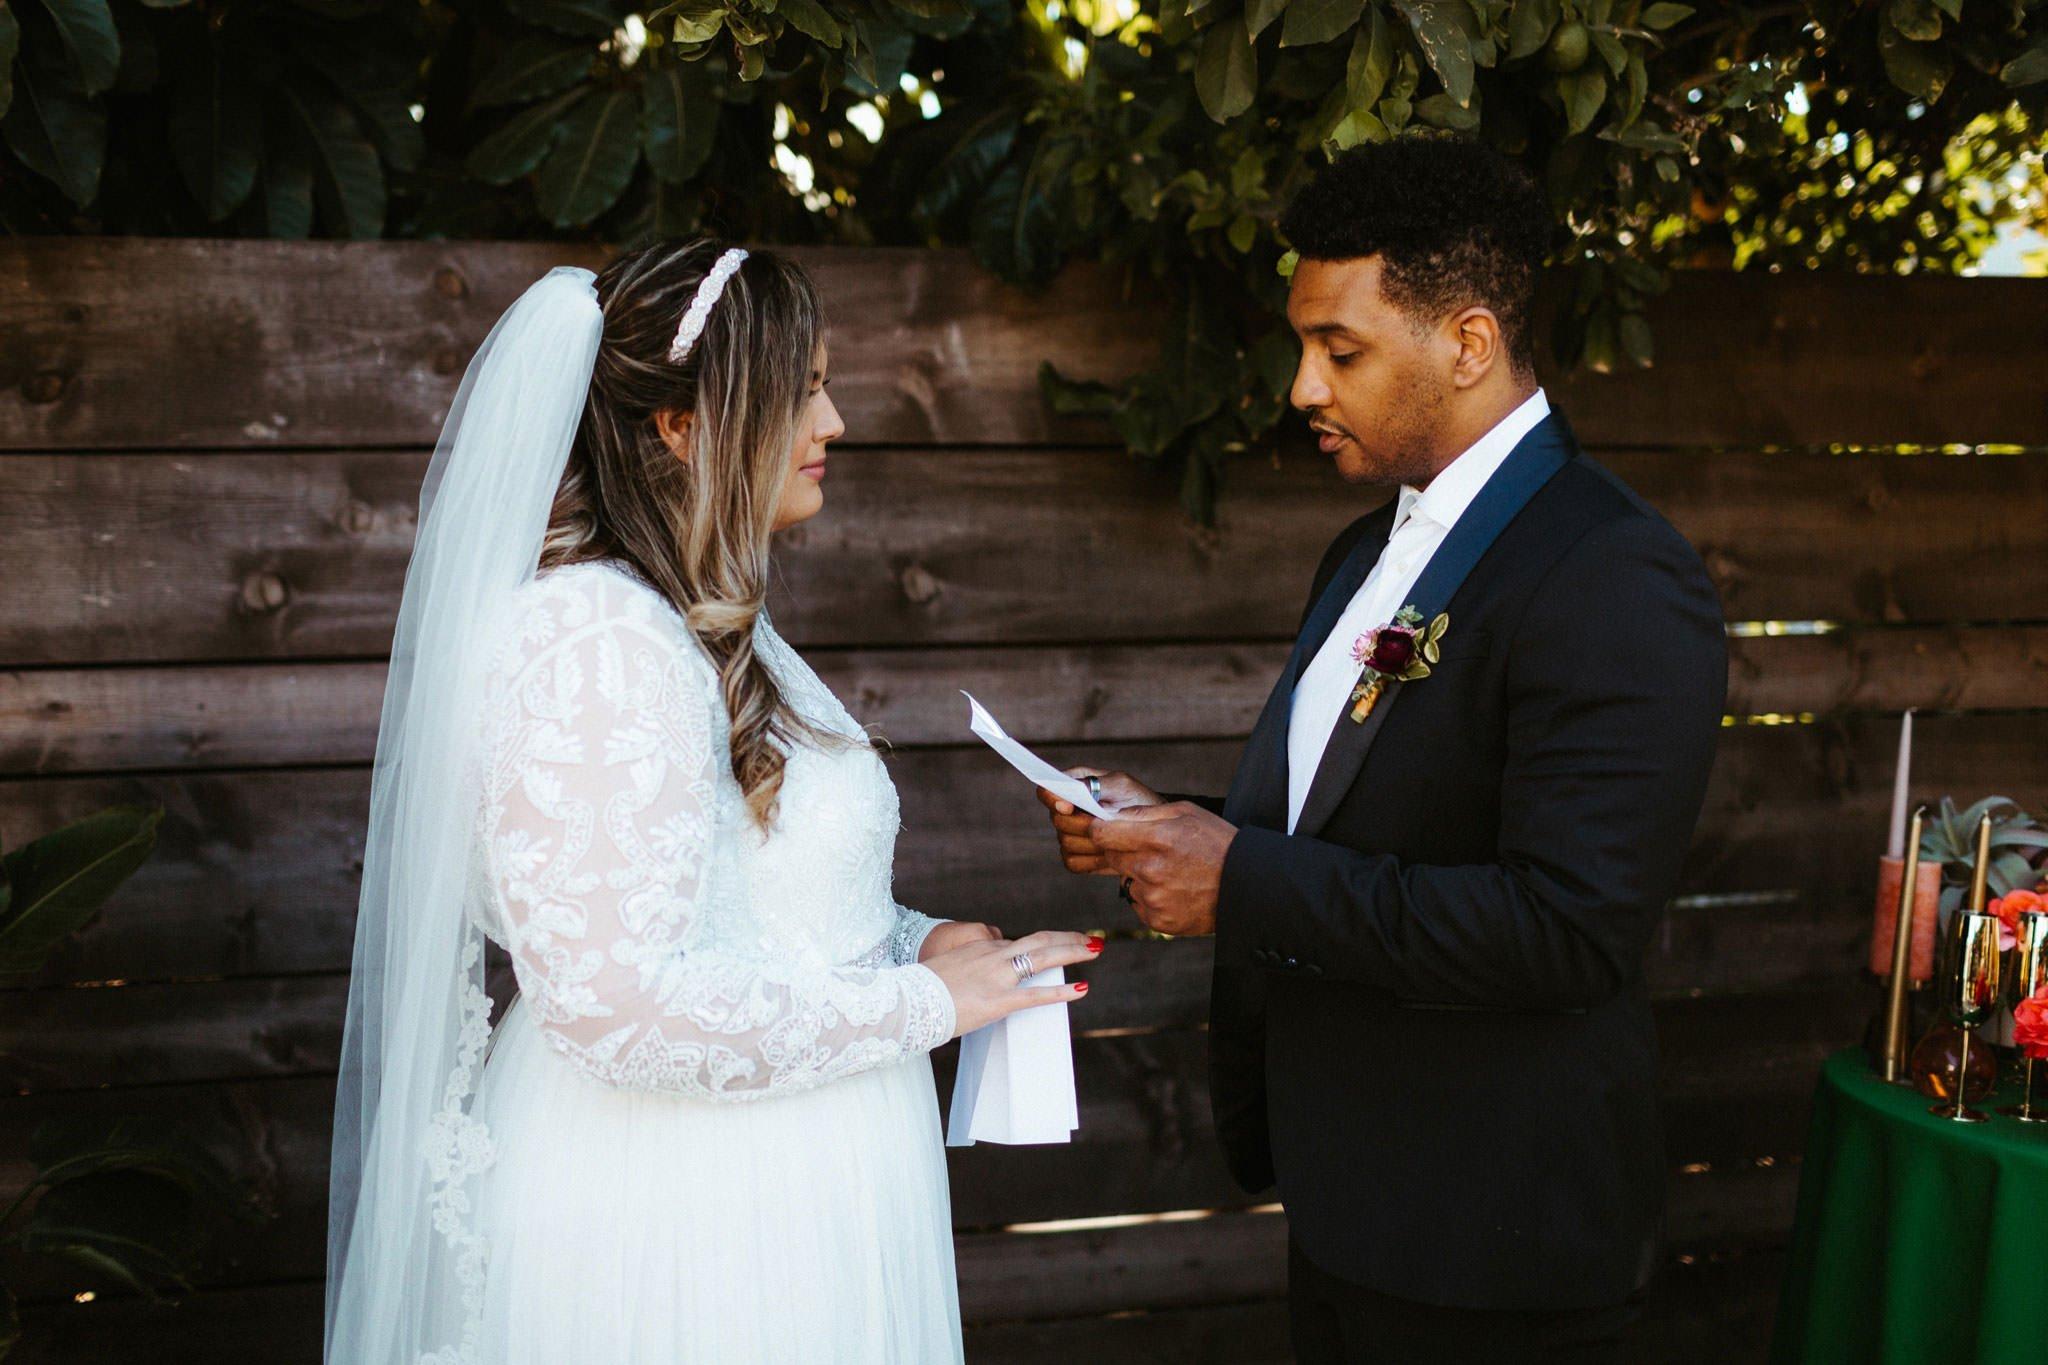 la elopement photos 064